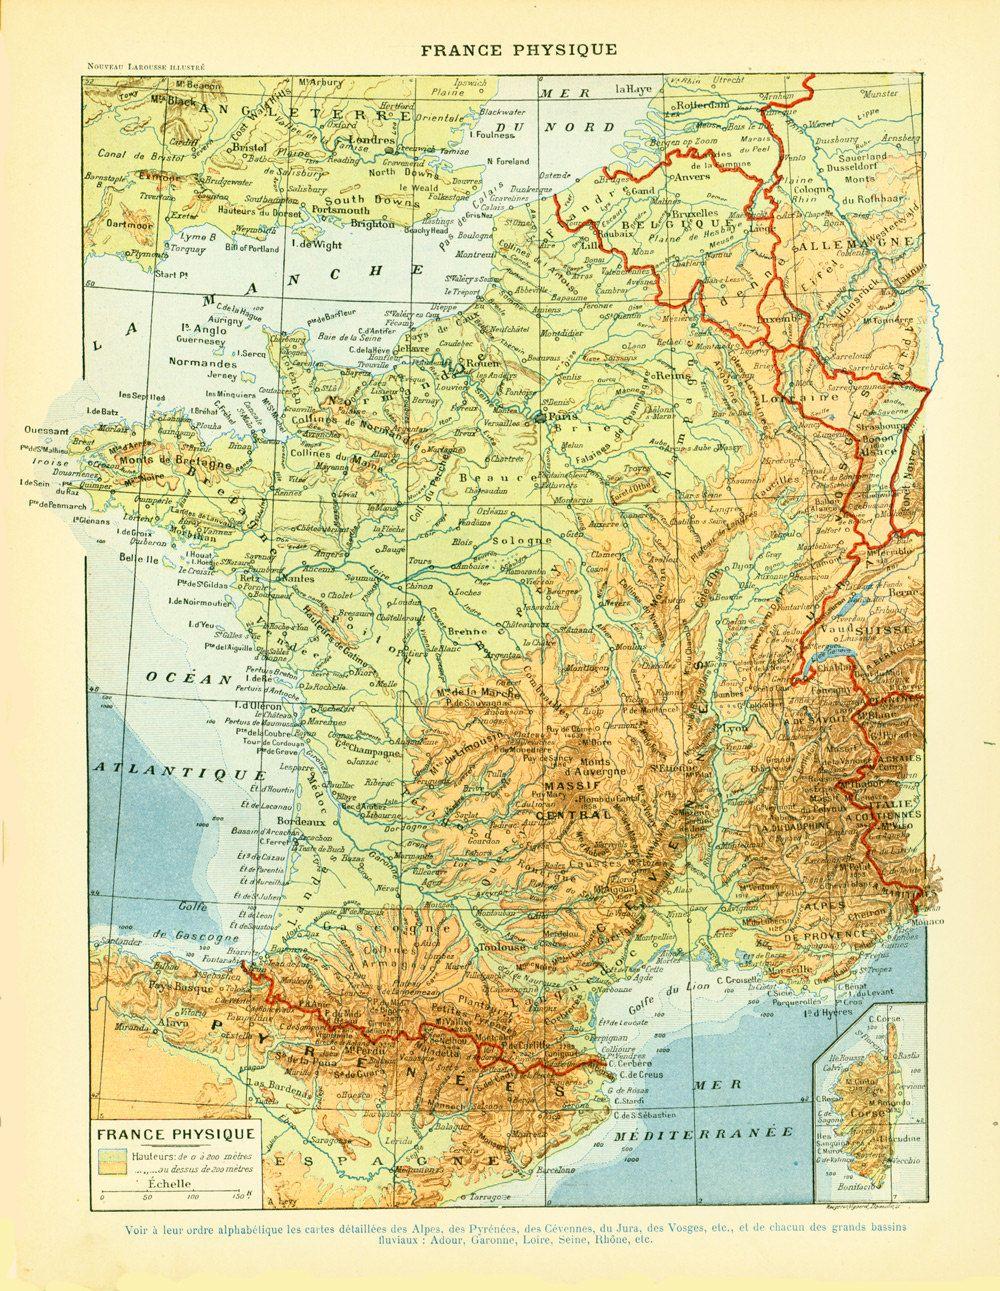 Carte Physique De La France : carte, physique, france, Carte, France, Géologique, Physique, Planche, Originale, Antique, Prints,, Antiques